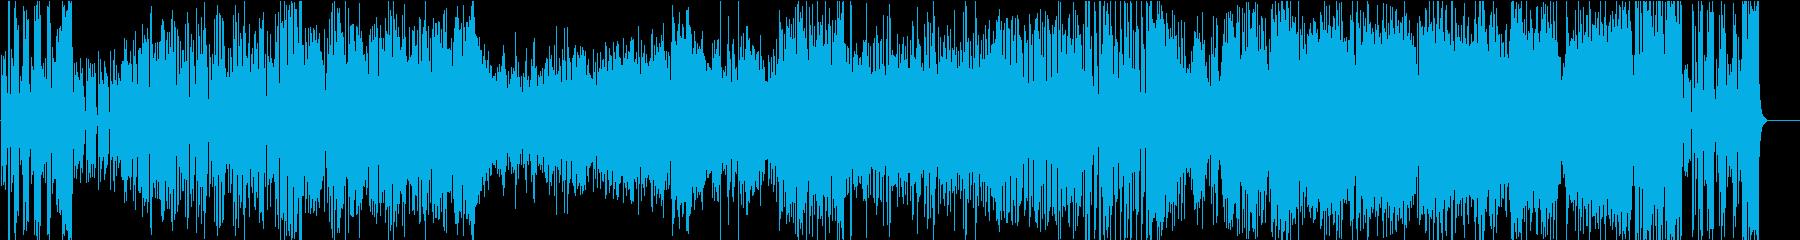 洗練されたジャズテイストの再生済みの波形